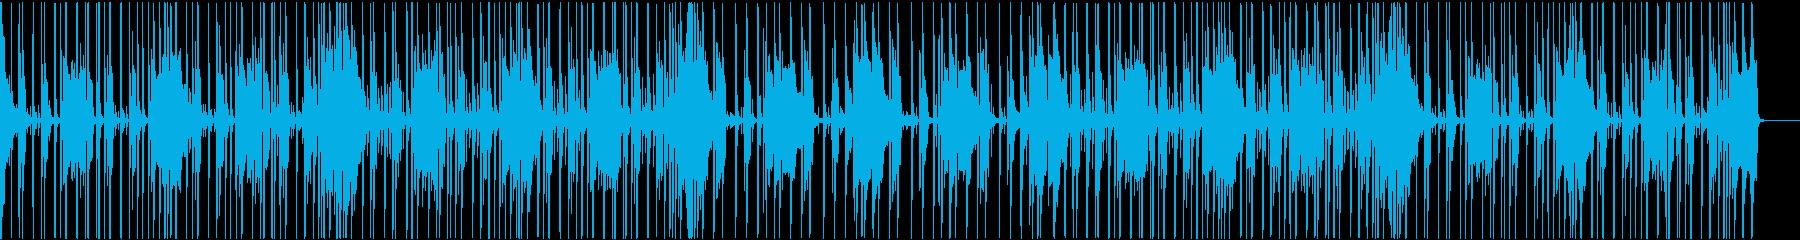 平穏な日常から何かが起こりそうな曲の再生済みの波形